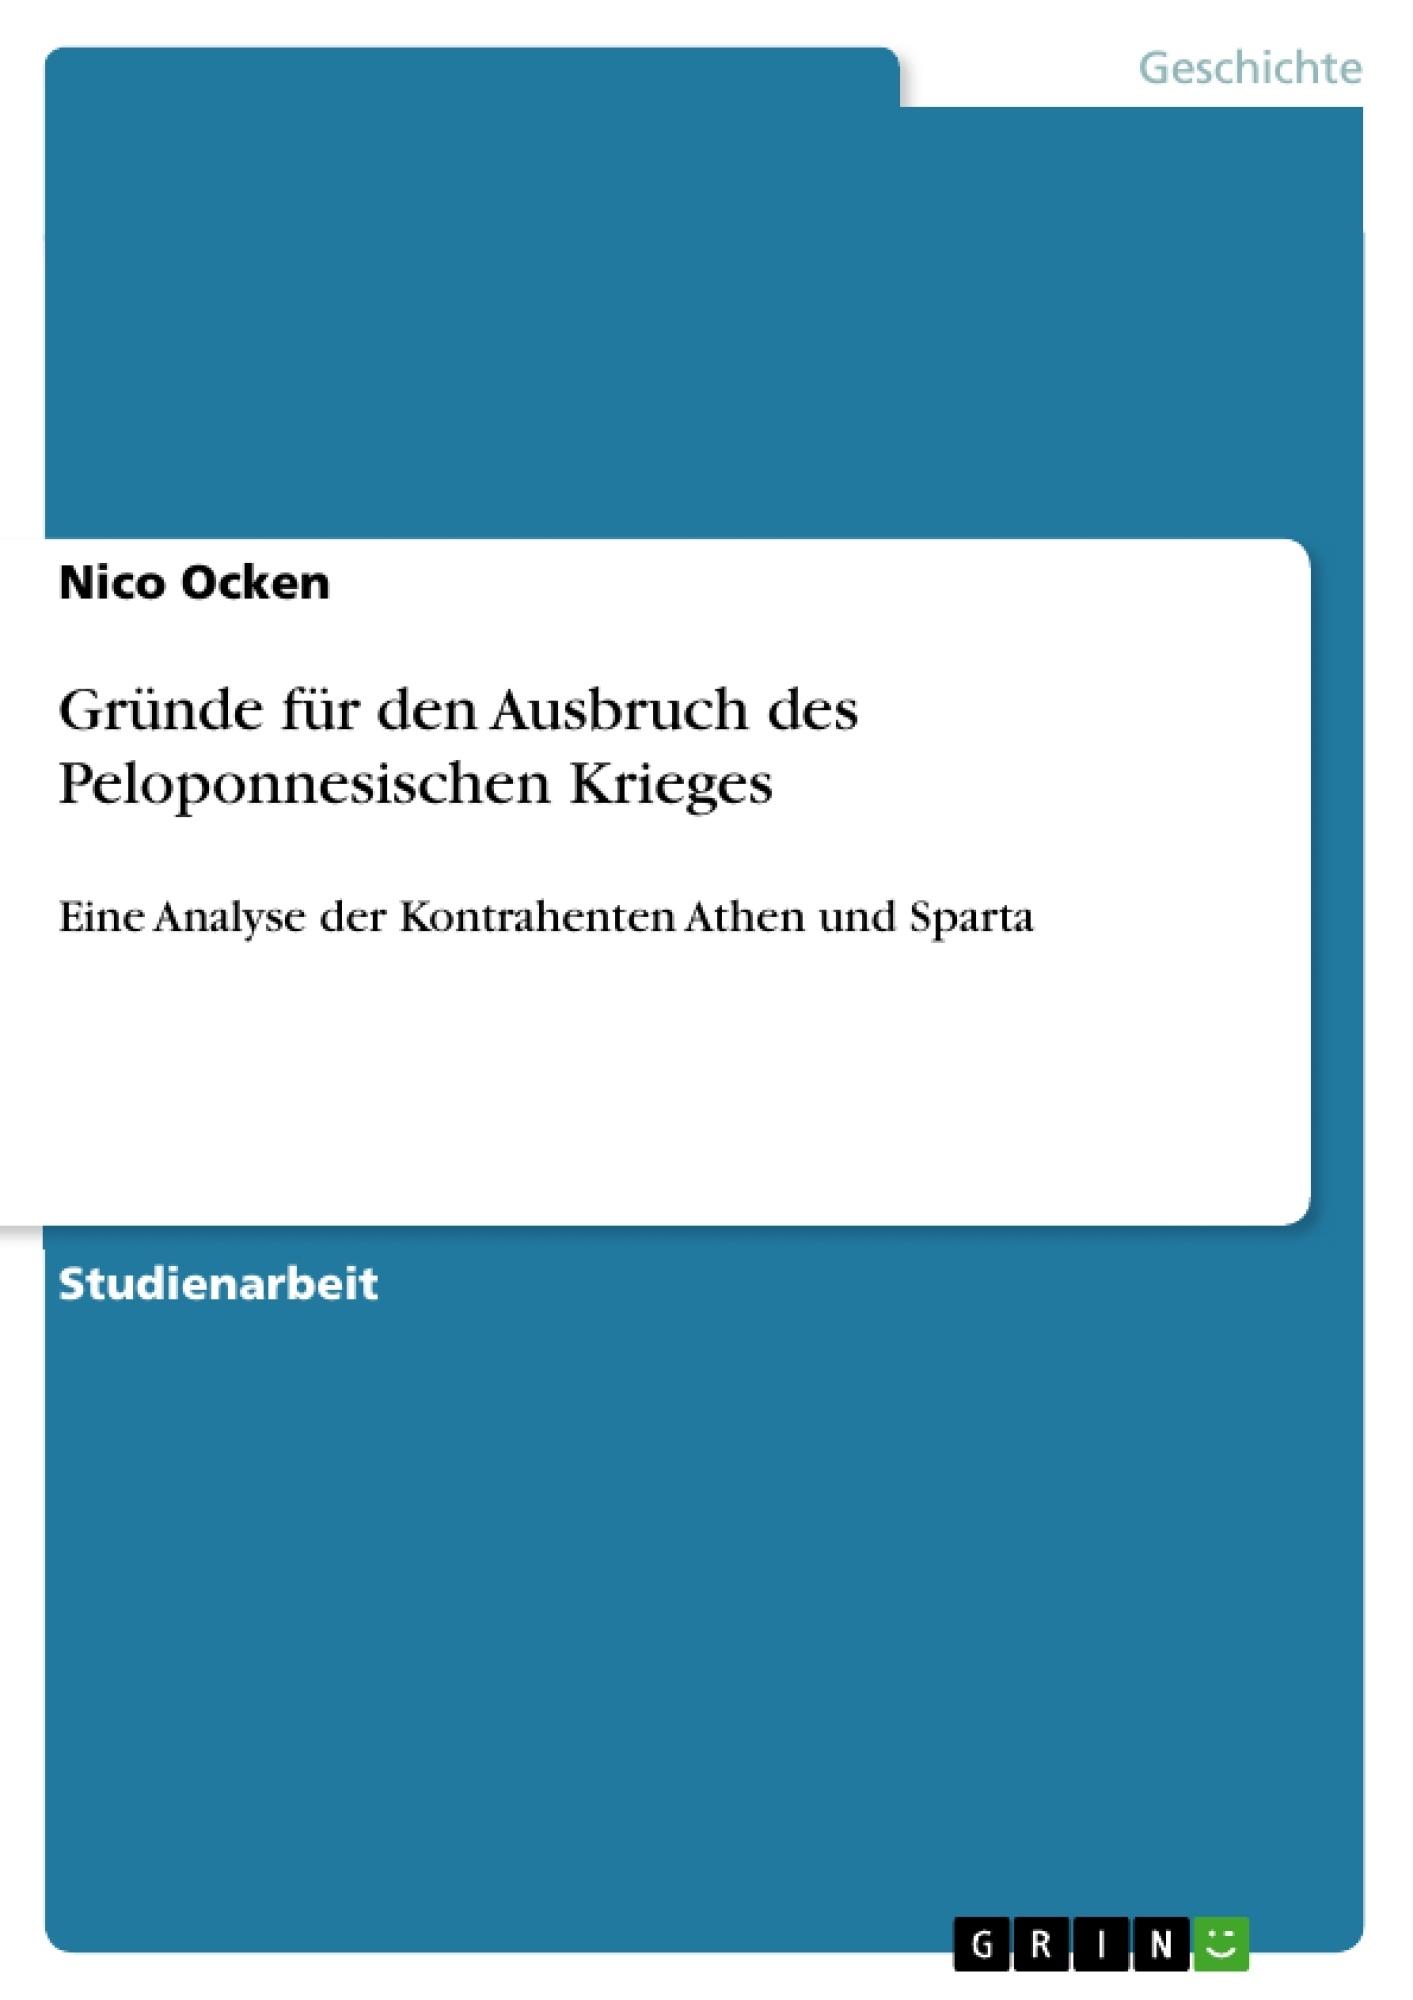 Titel: Gründe für den Ausbruch des Peloponnesischen Krieges